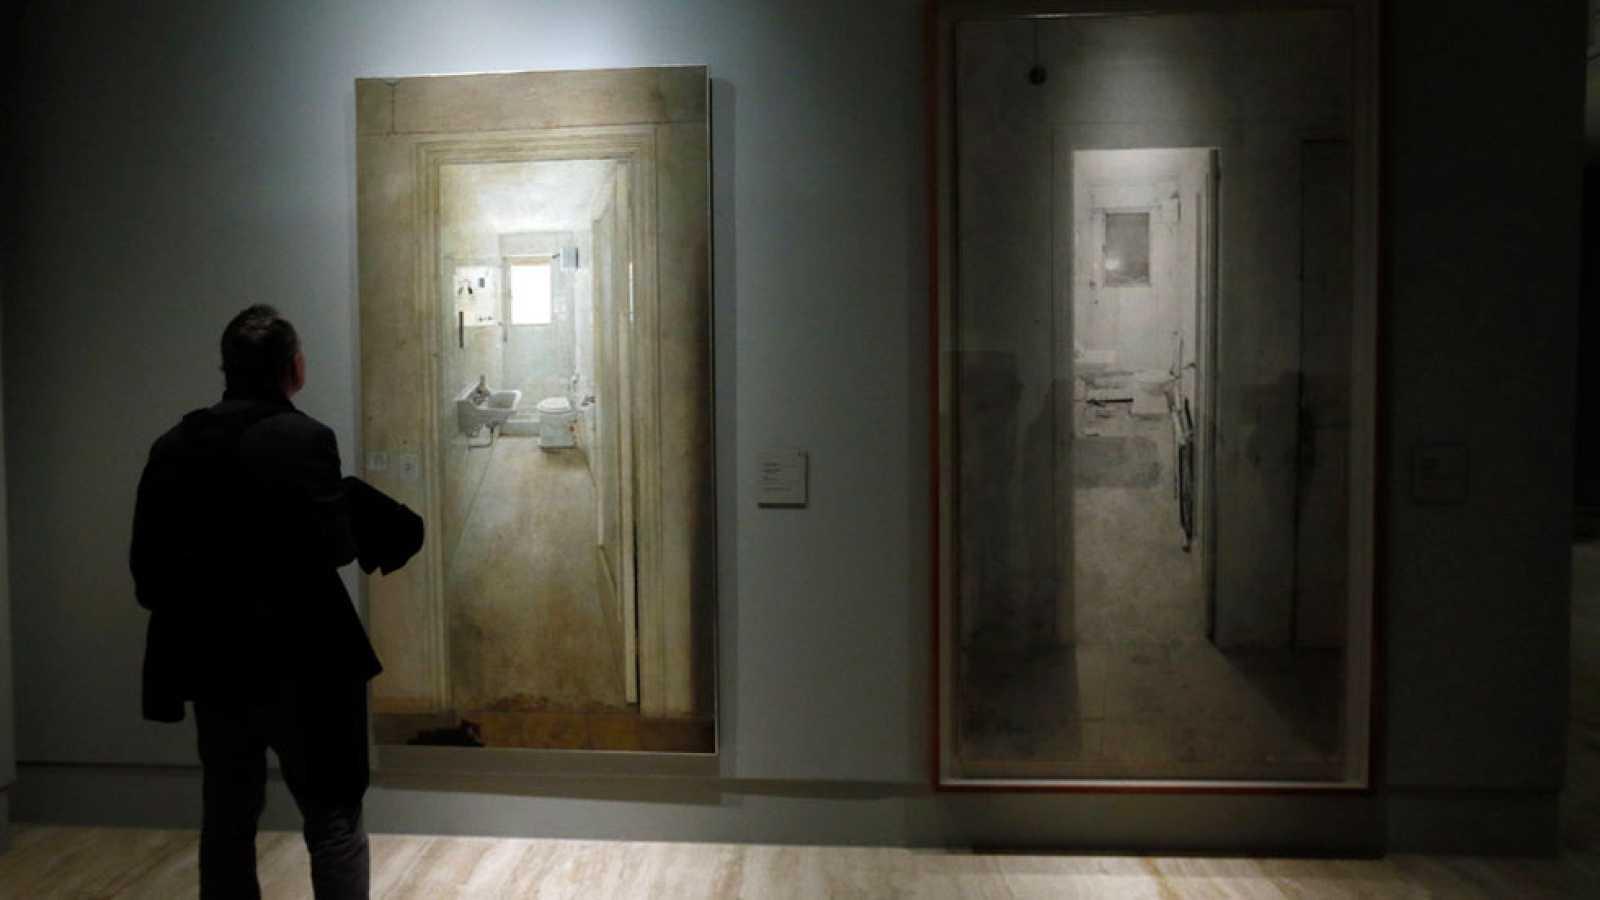 El Lavabo De Antonio Lopez.Los Realistas De Madrid Exponen Sus Obras En El Museo Thyssen